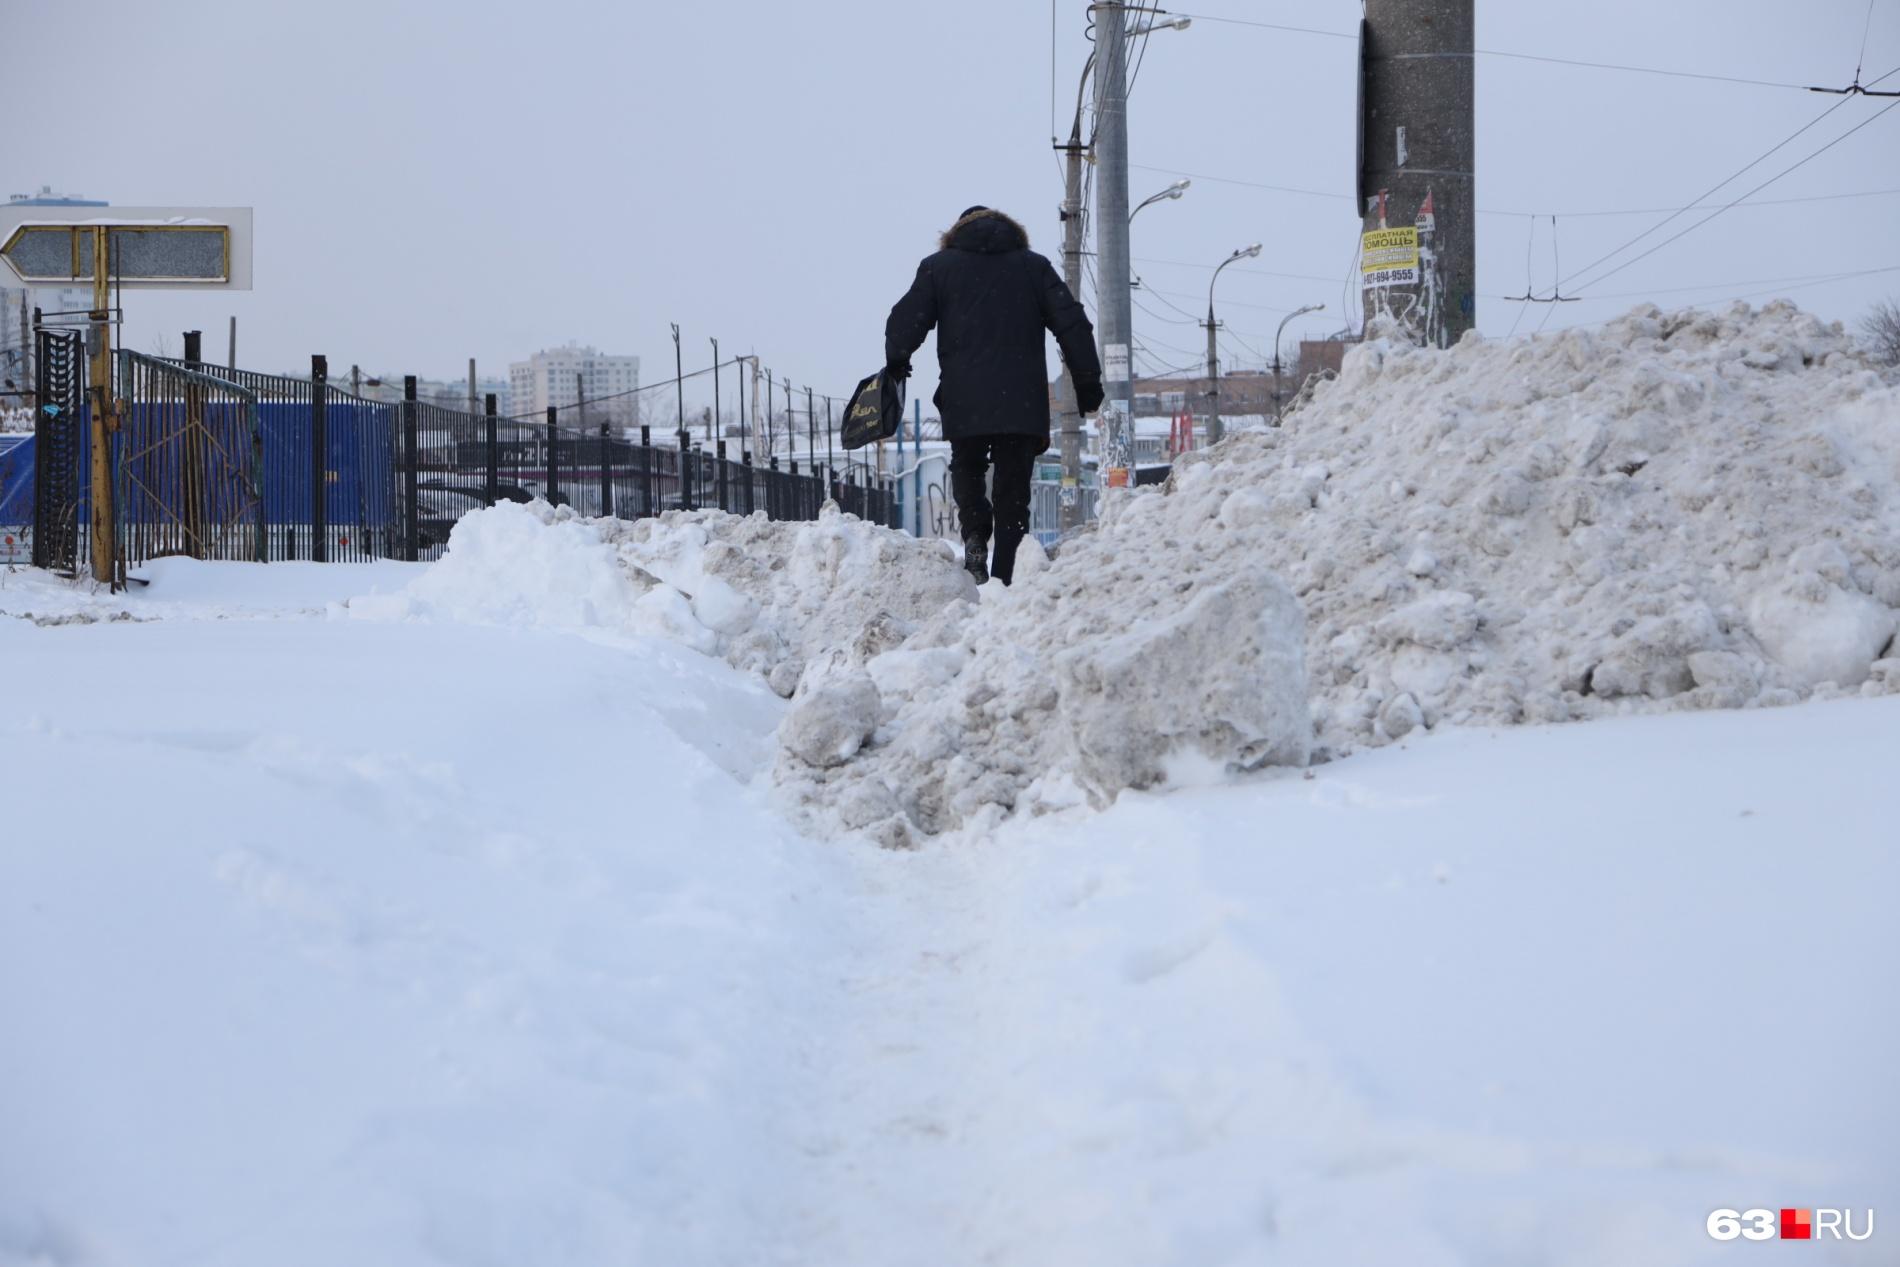 Вот такое можно было наблюдать на улицах города после снегопада